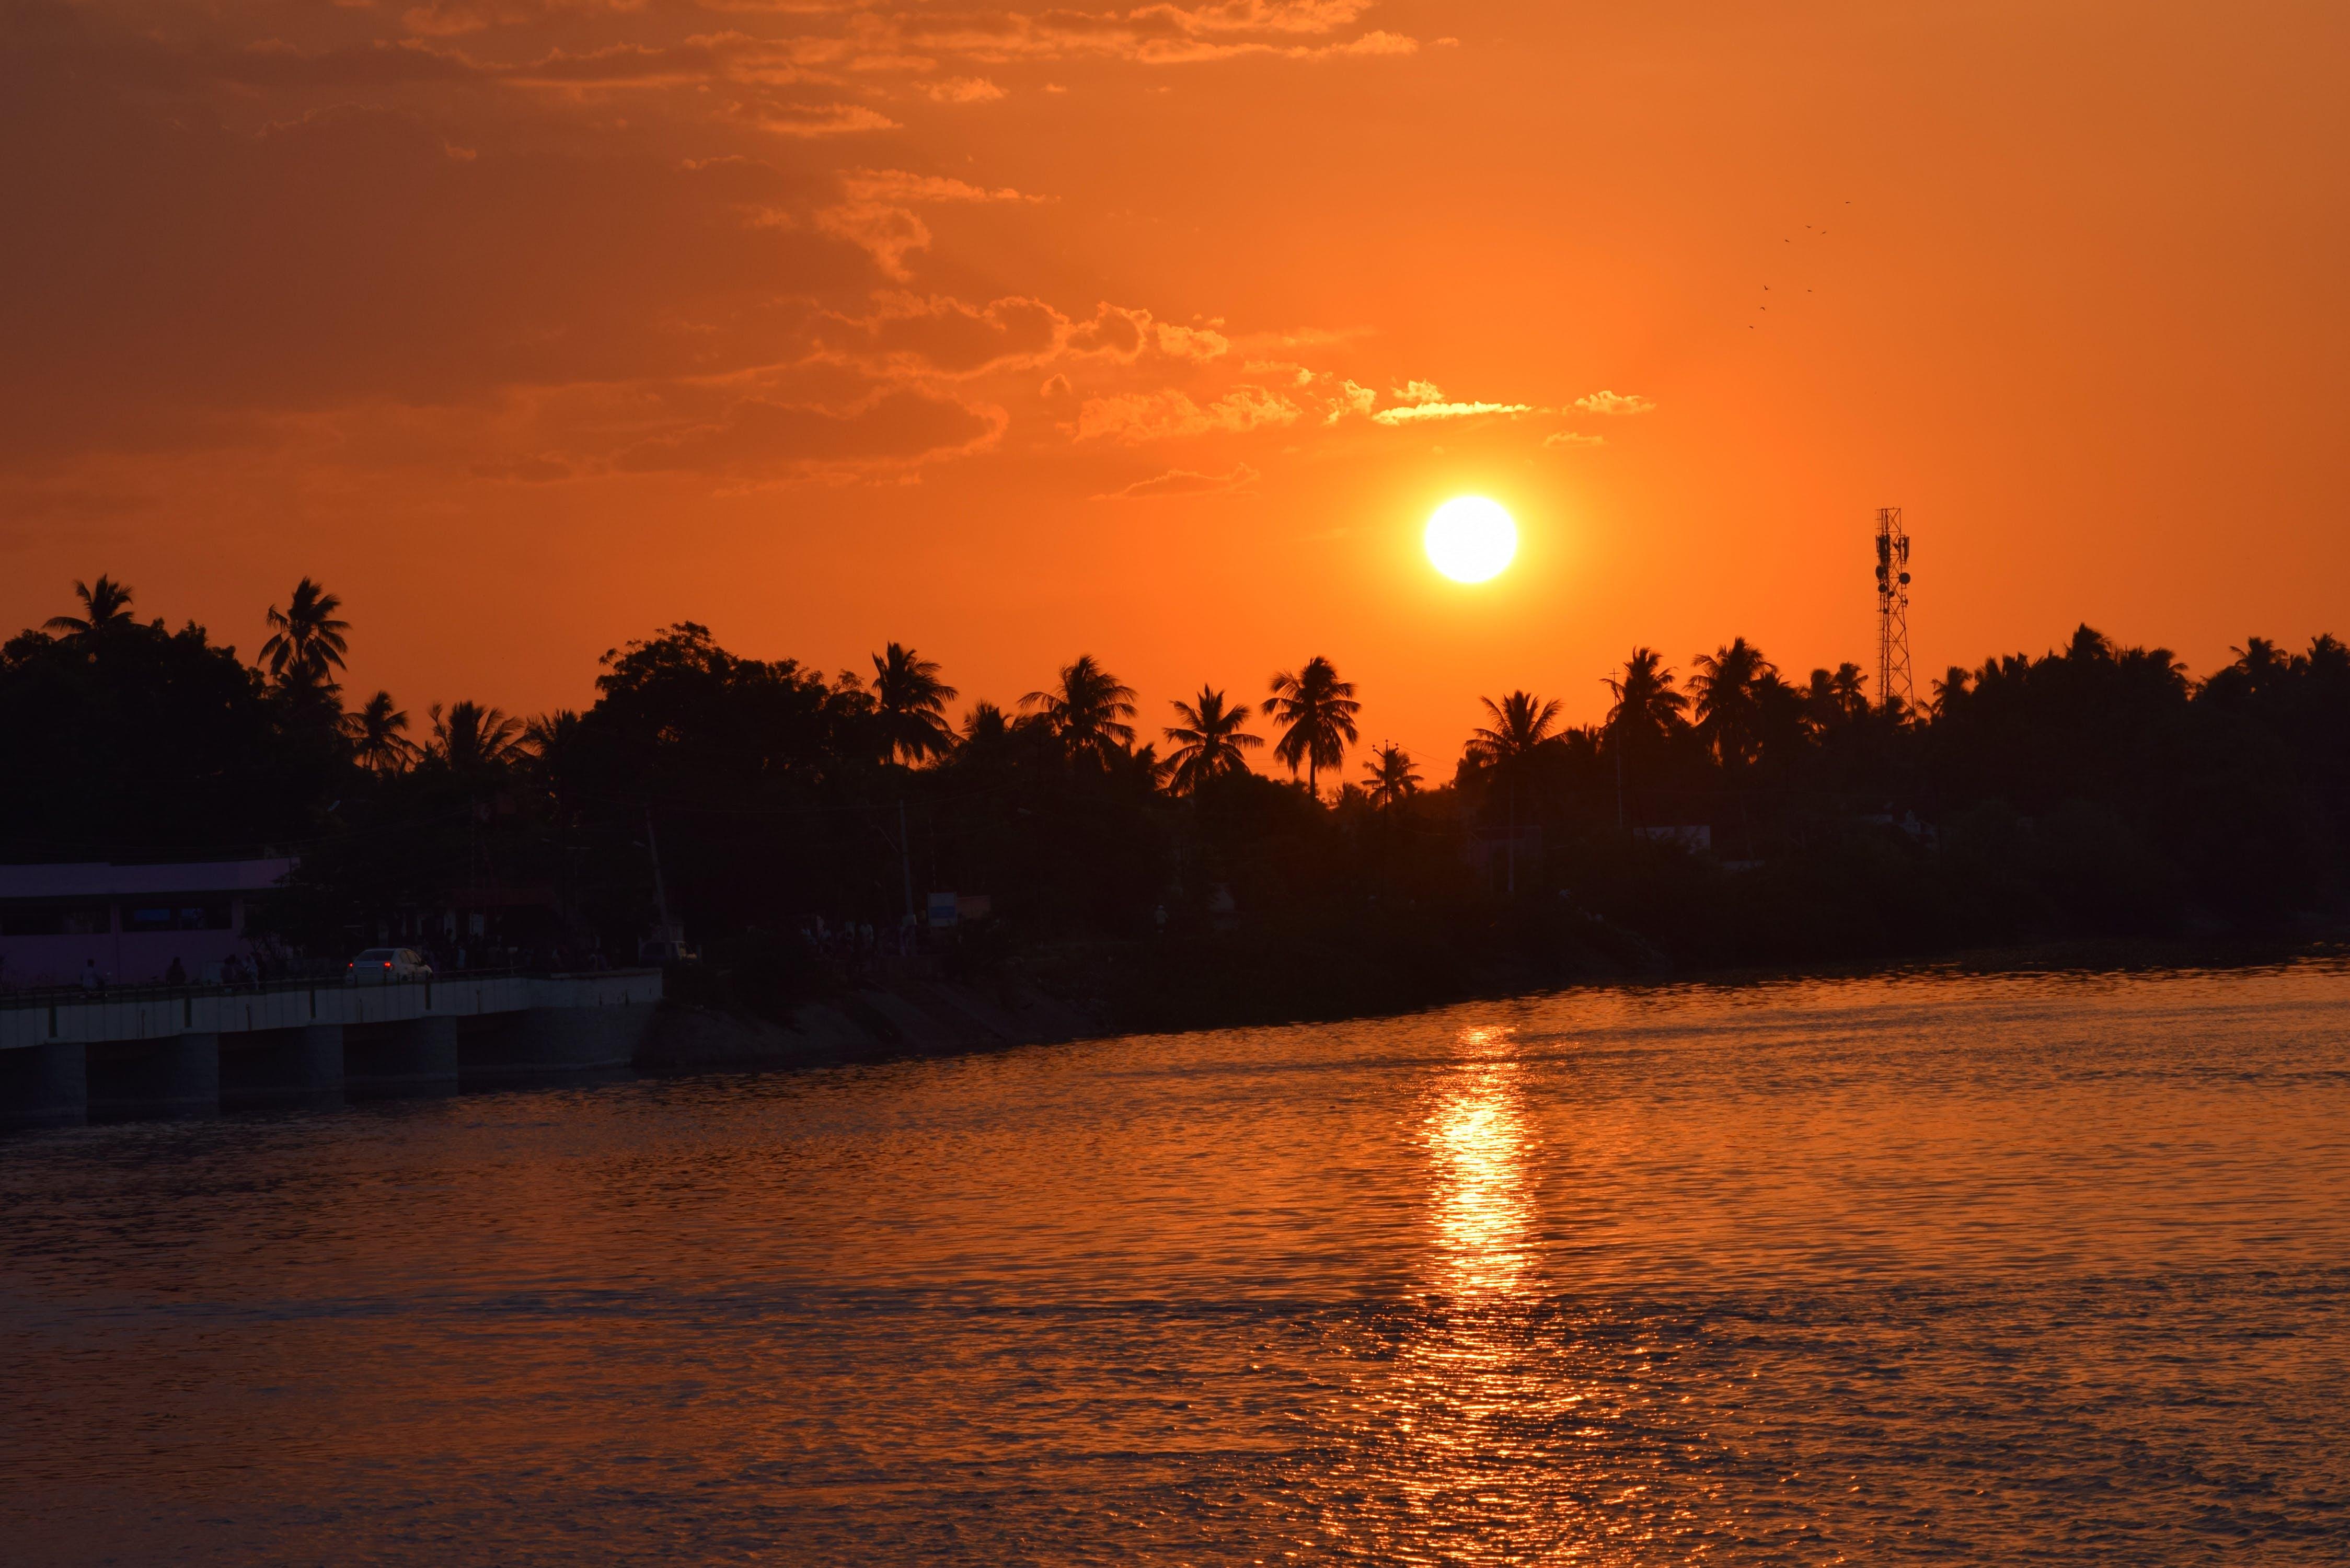 Free stock photo of sunset, india